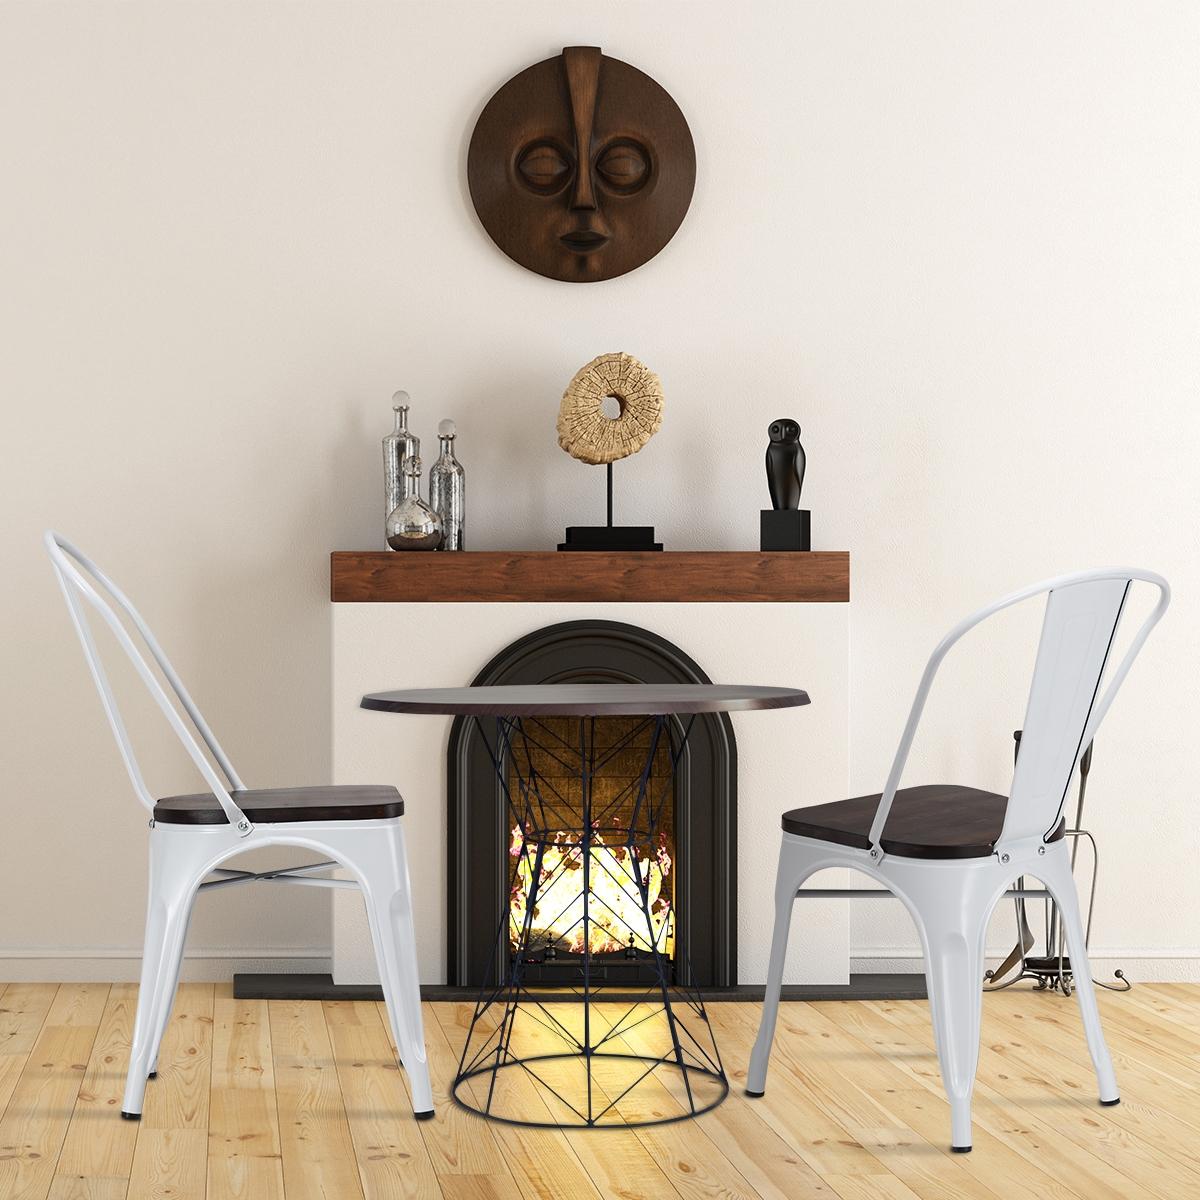 Costway Set di 4 sedie di metallo impilabili con schienale da cucina e da sala da pranzo Sedie vintage da bar Bianco